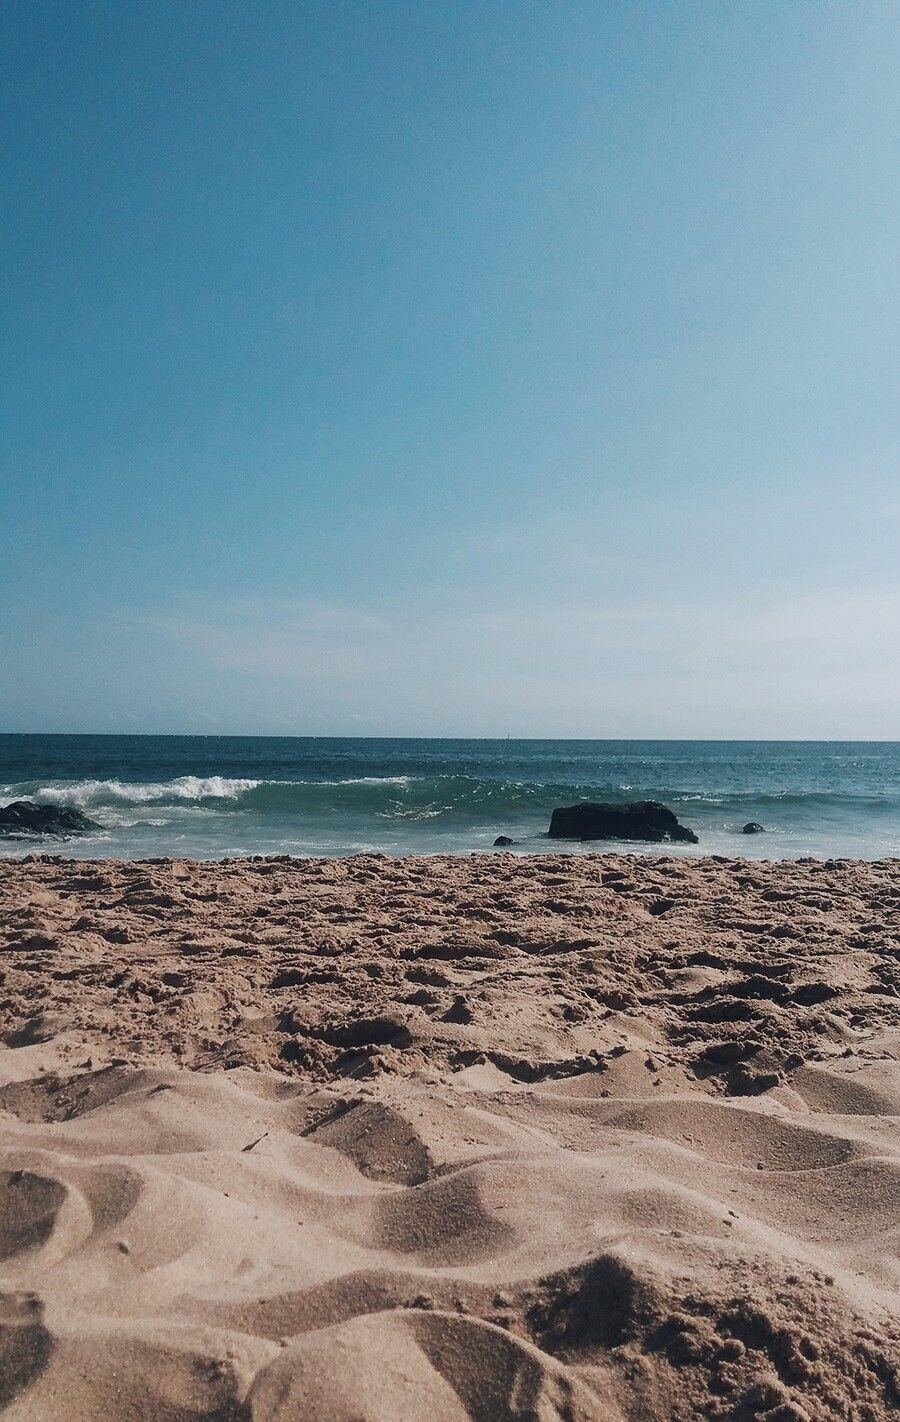 Pin Oleh Aktashka Di Beach Wallpaper Pantai Wallpaper Estetika Pantai